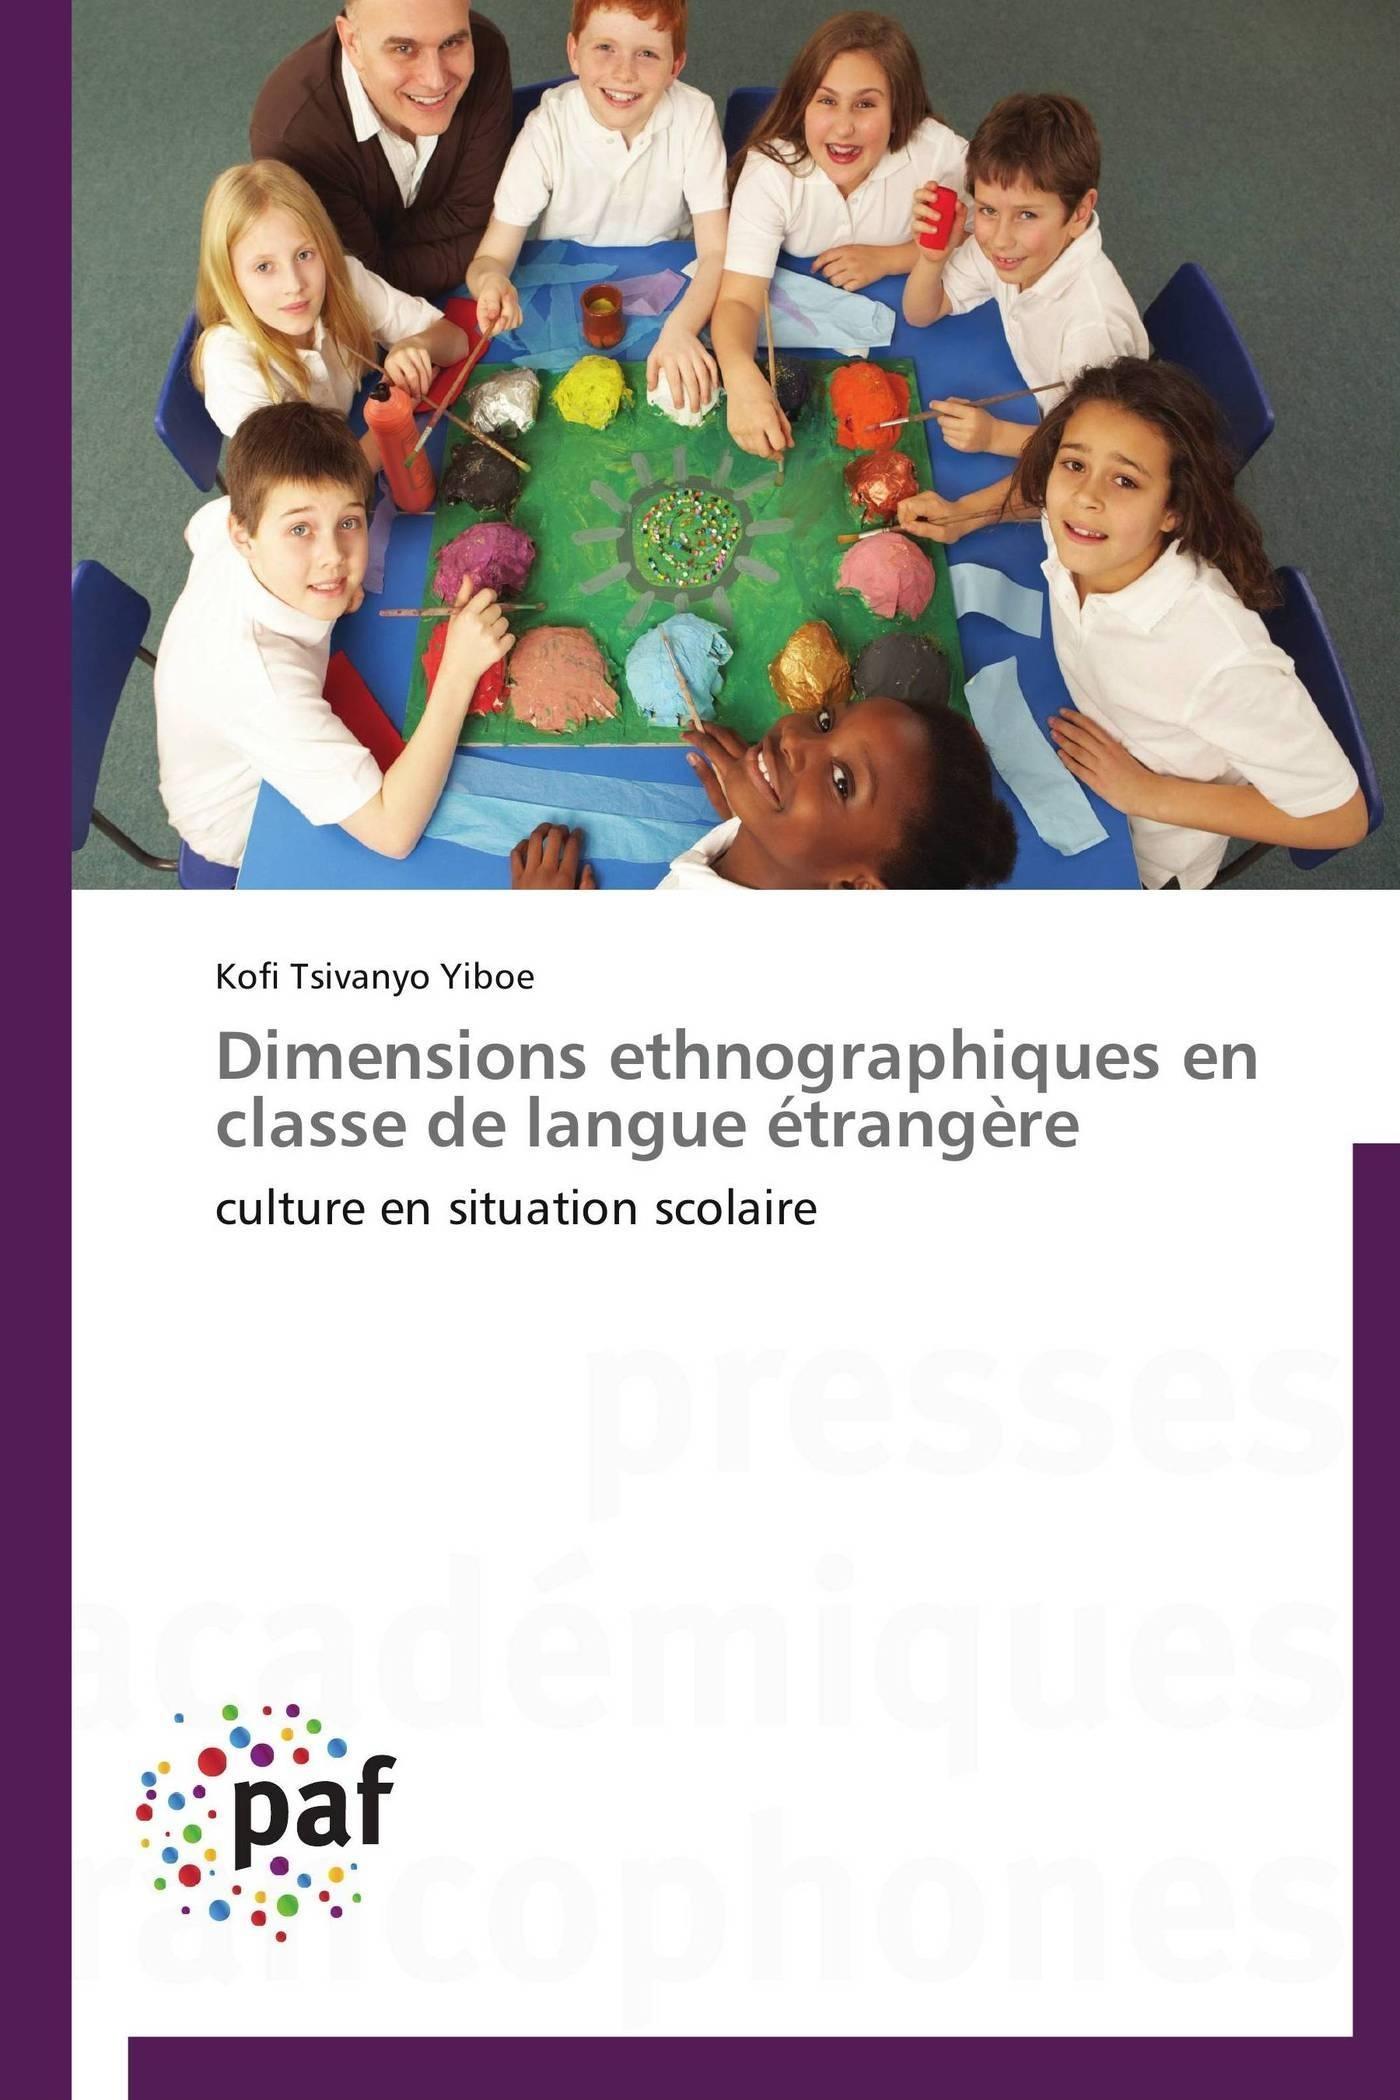 DIMENSIONS ETHNOGRAPHIQUES EN CLASSE DE LANGUE ETRANGERE